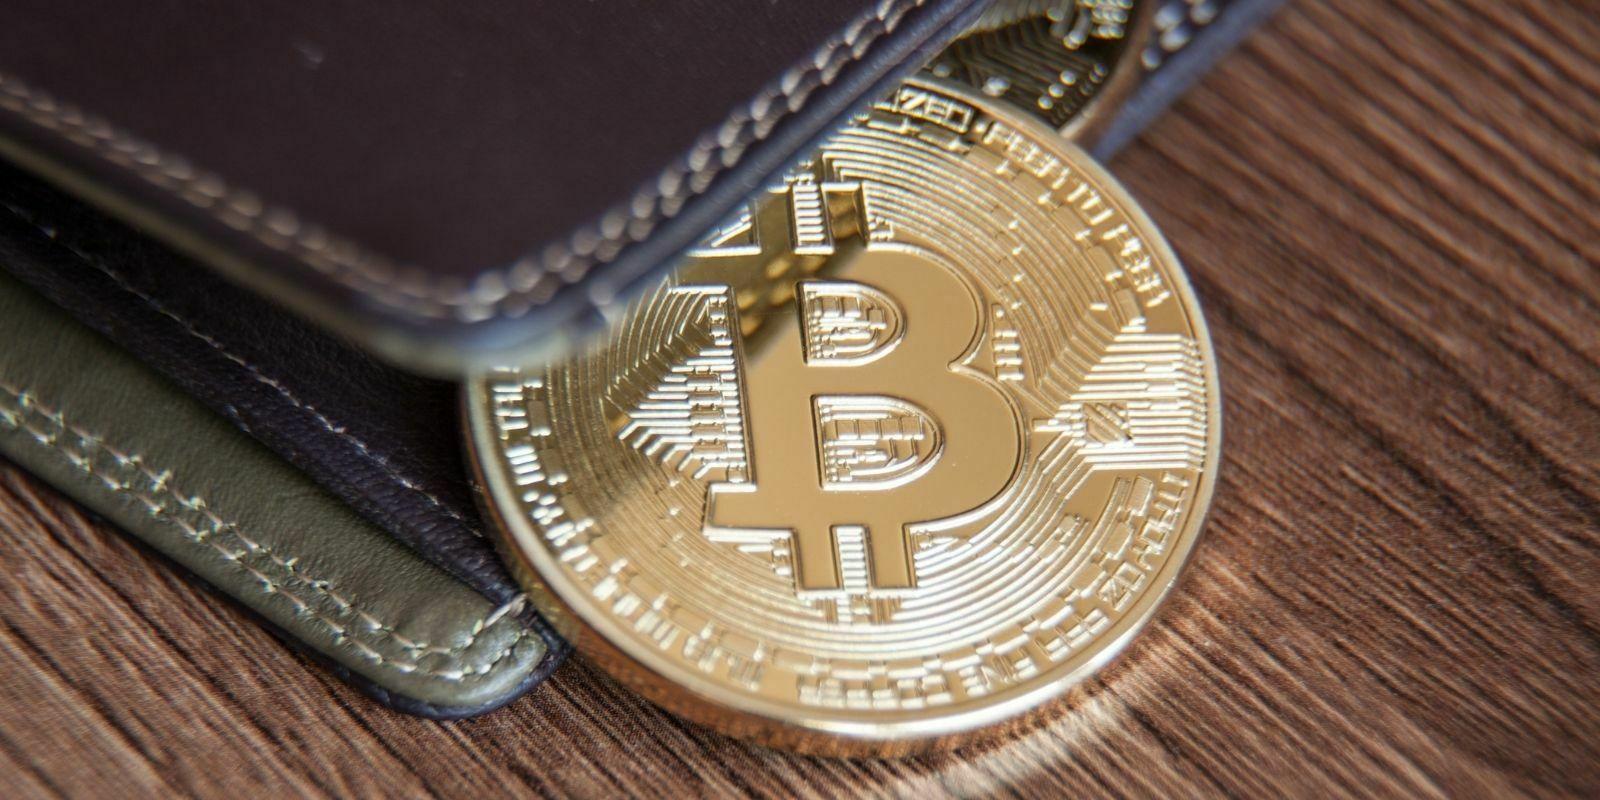 Un portefeuille à 1 milliard de dollars en Bitcoin (BTC) vidé - Le casse du siècle ou un vétéran qui récupère son butin ?